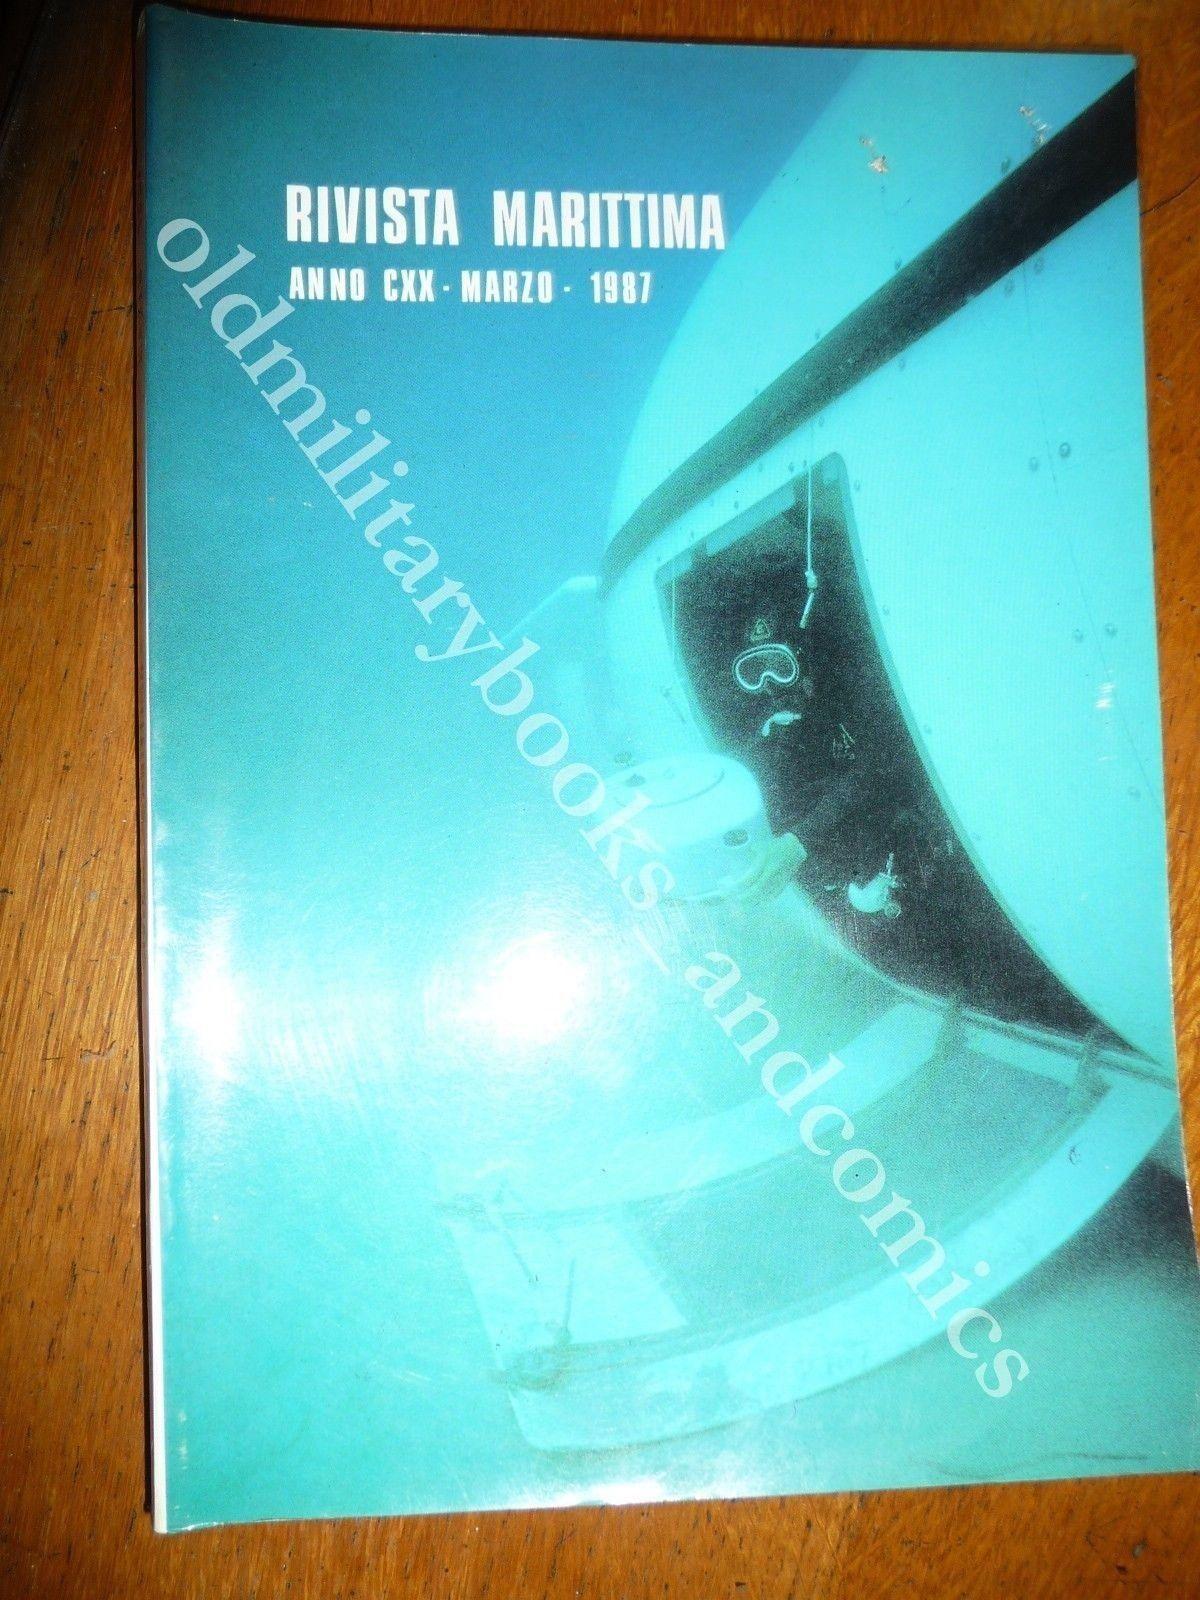 RIVISTA MARITTIMA 1987 n 3 VASCELLI NAPOLETANI AMSTERDAM PORTO M. MERCANTILI